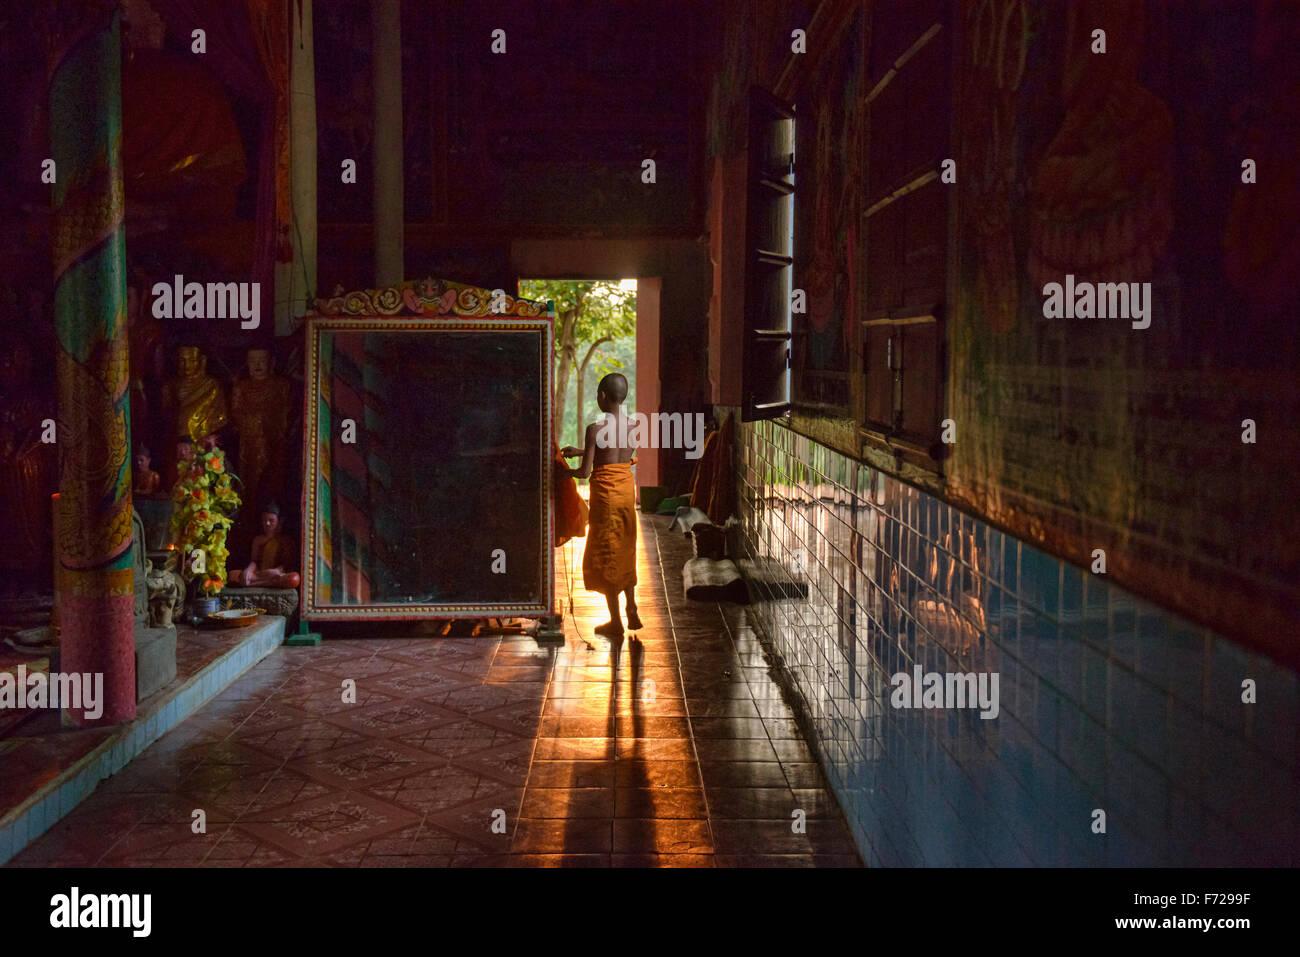 Un joven monje en la tarde luz en Kompong Phluk, Siem Reap, Camboya Foto de stock